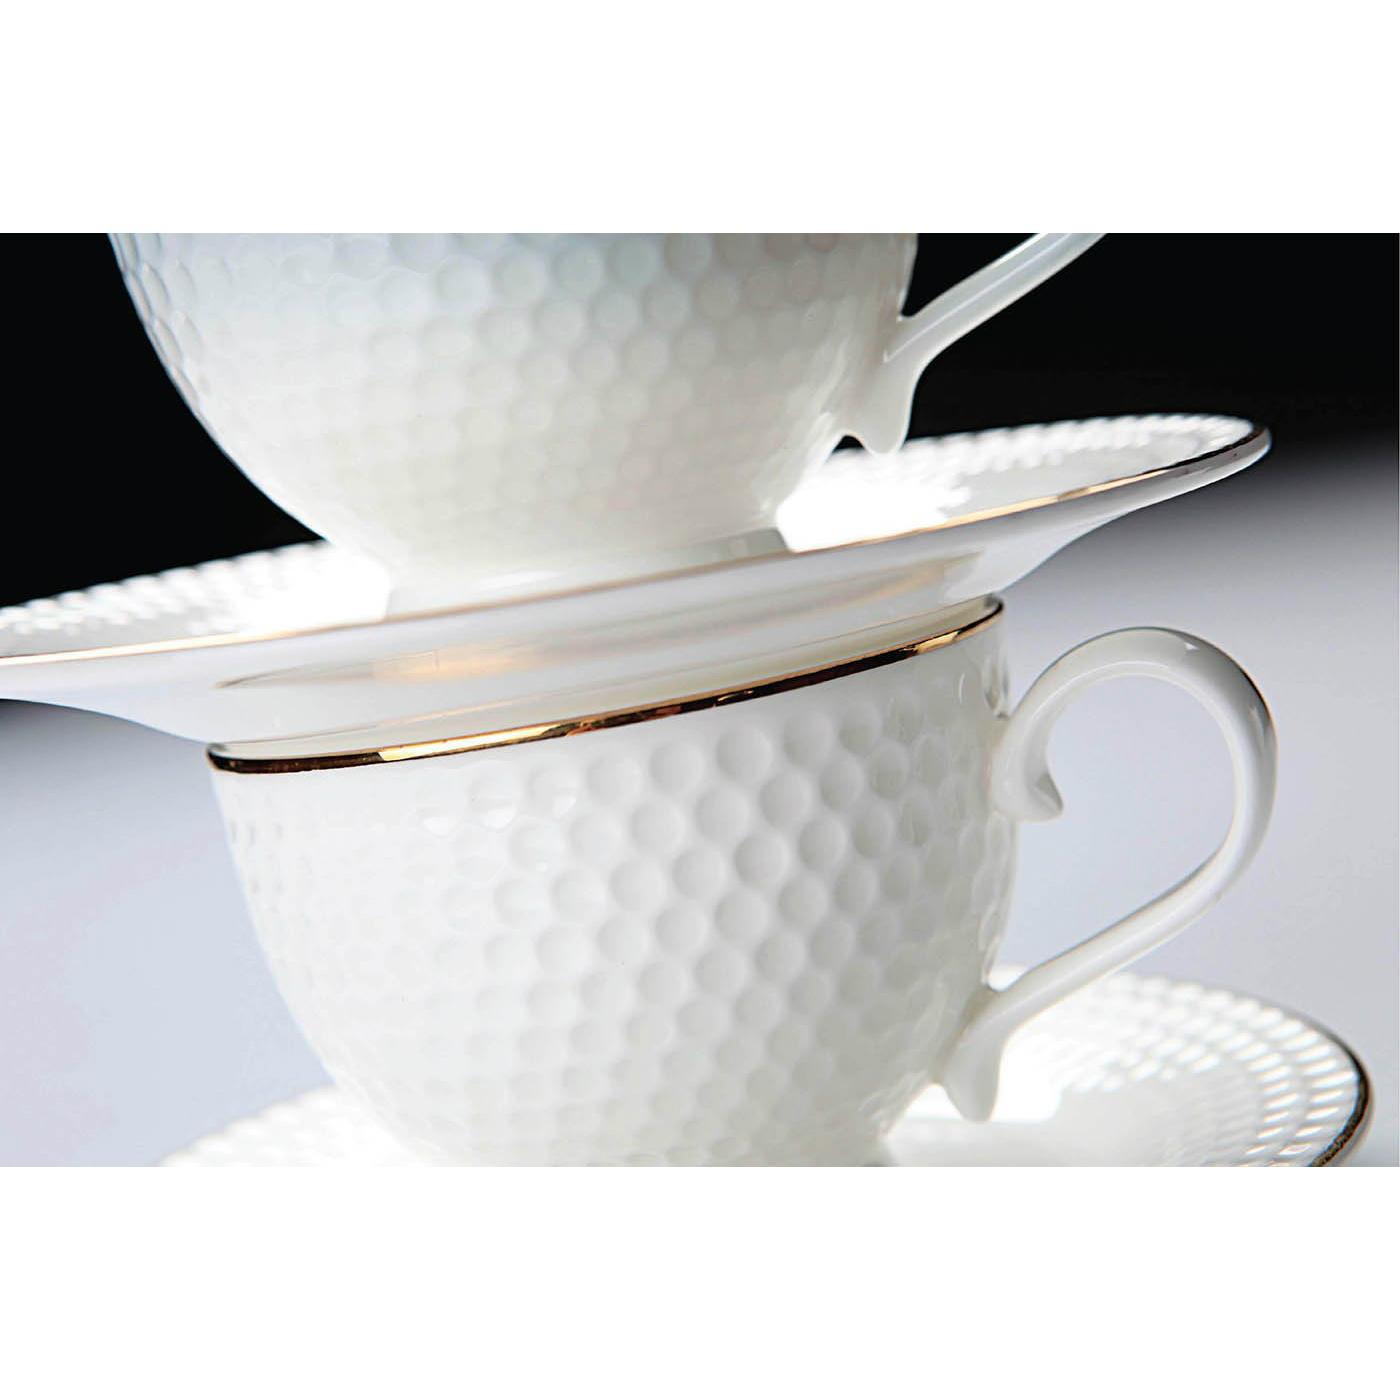 Пара чайная ГольфПроизводитель мирового уровня «Royal Aurel» - это сочетание королевских традиций, китайской рецептуры и современных тенденций дизайна, которые воплощены в эксклюзивных наборах фарфоровой посуды. Для производства используются прочный костяной фарфор и белая глина, за счет чего достигаются  белизна и прозрачность. Чайная пара Гольф это очень оригинальный набор, который состоит из небольшой чашки и аккуратного блюдца. Вся посуда выполнена в дизайне мячика для гольфа, что делает чайную пару прекрасным подарком, а также настоящим украшением интерьера Вашего дома.<br>